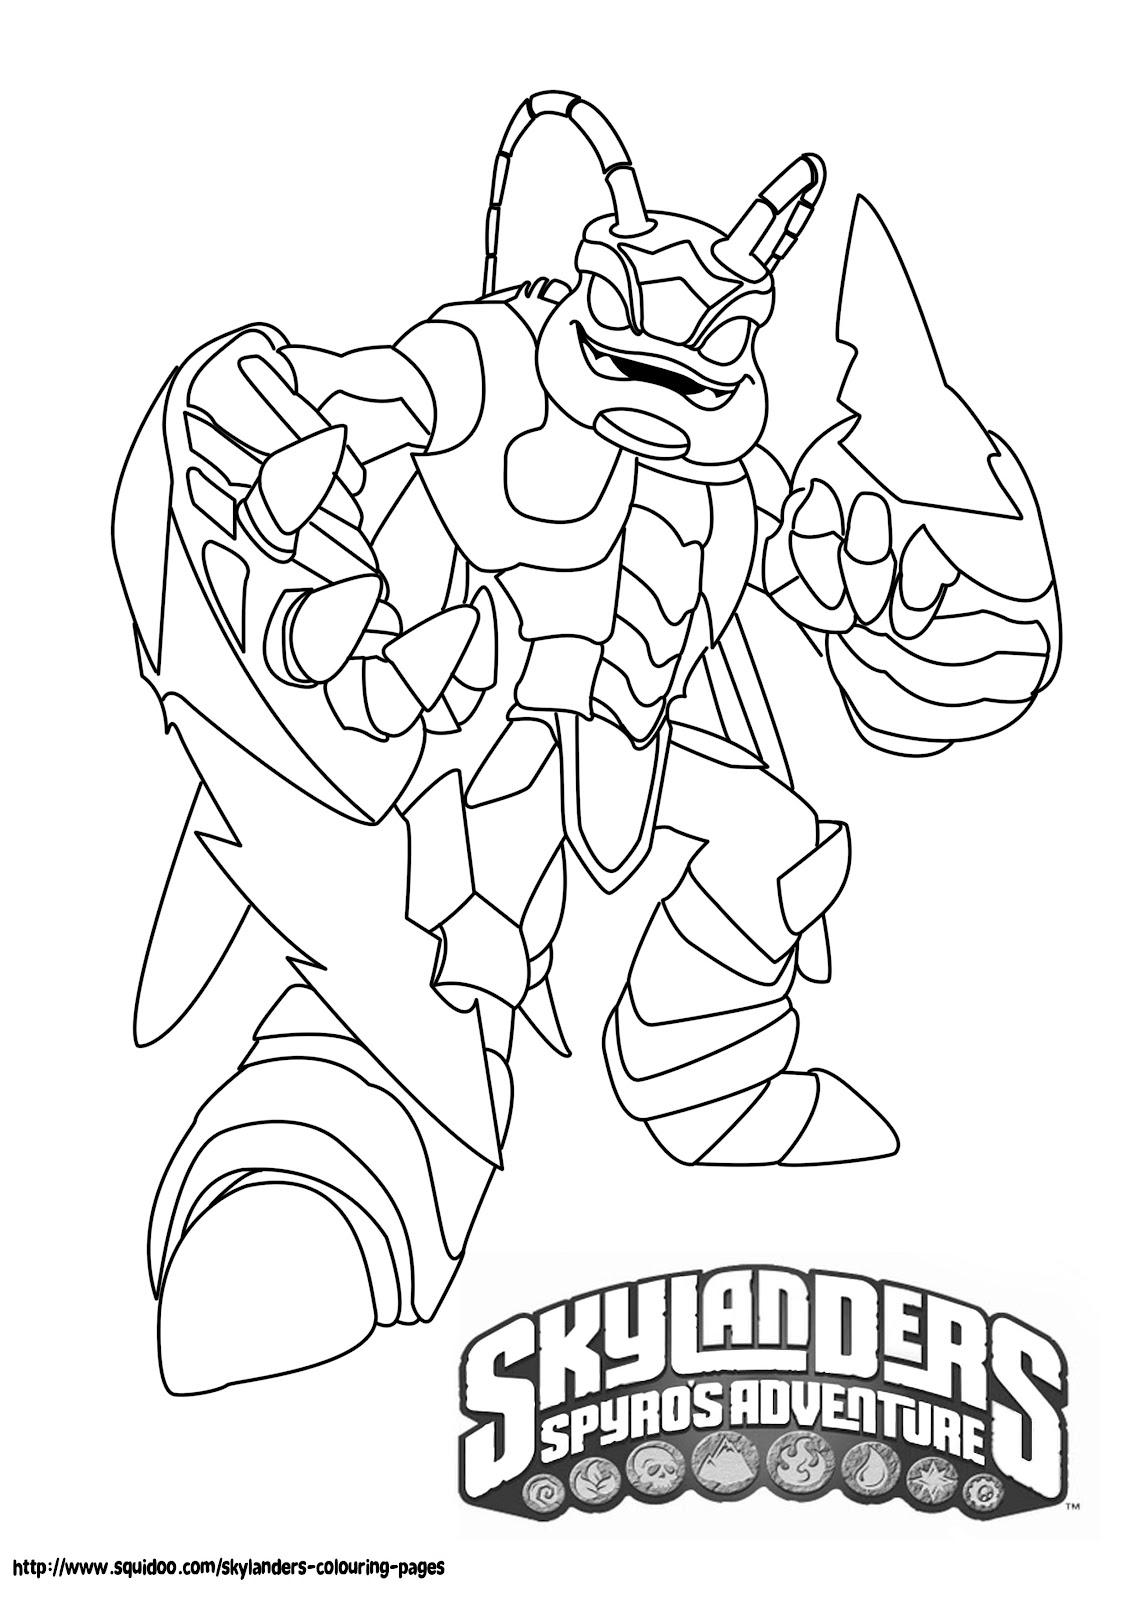 Printable Skylanders Coloring Pages Printable Skylanders Coloring Pages Feisty Frugal Fabulous